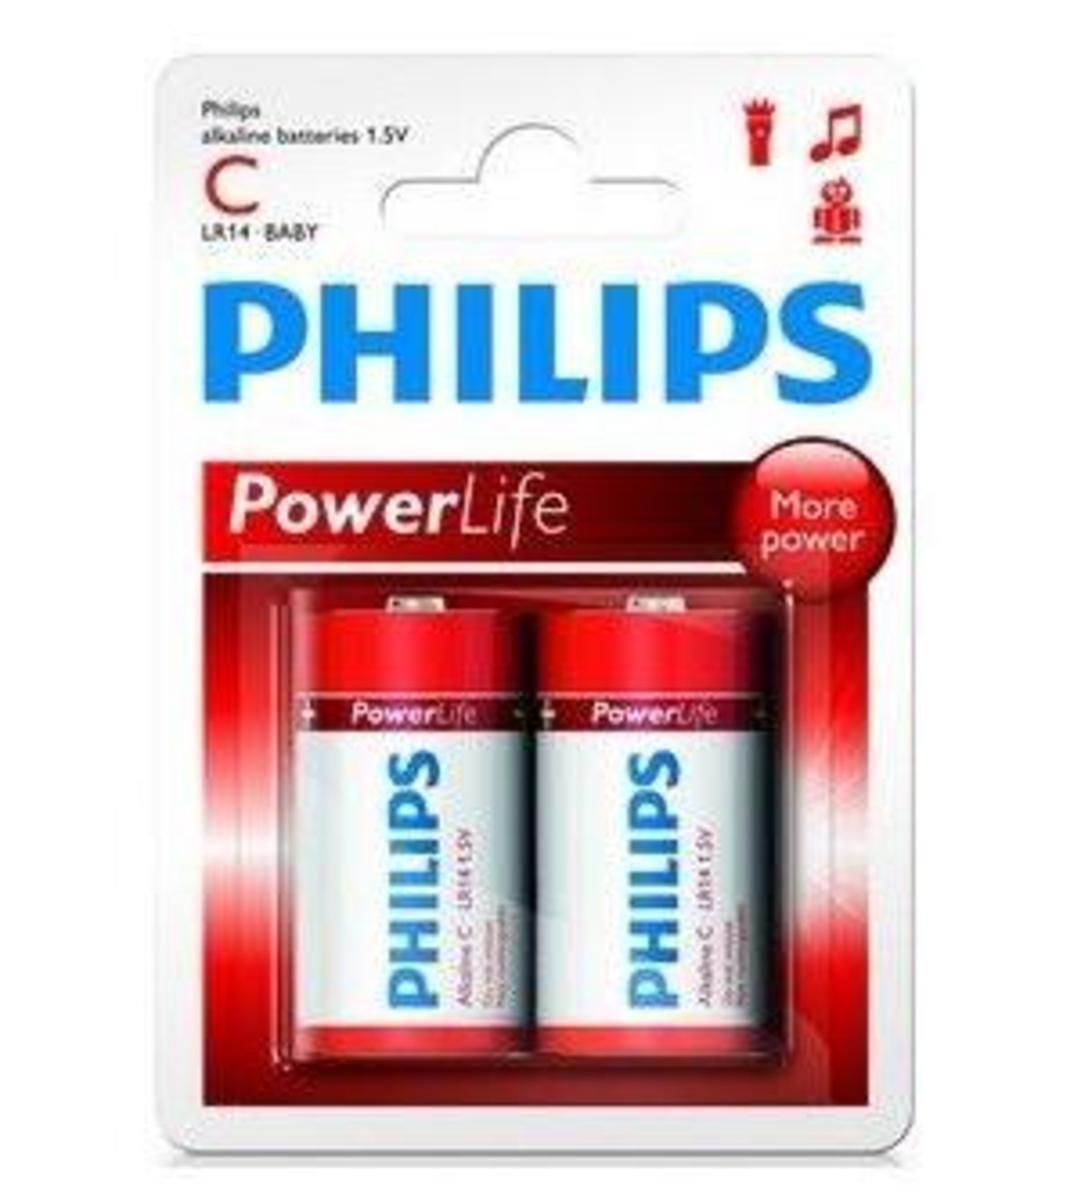 Philip 飛利浦 2粒2C鹼性電池, LR14P2B/97